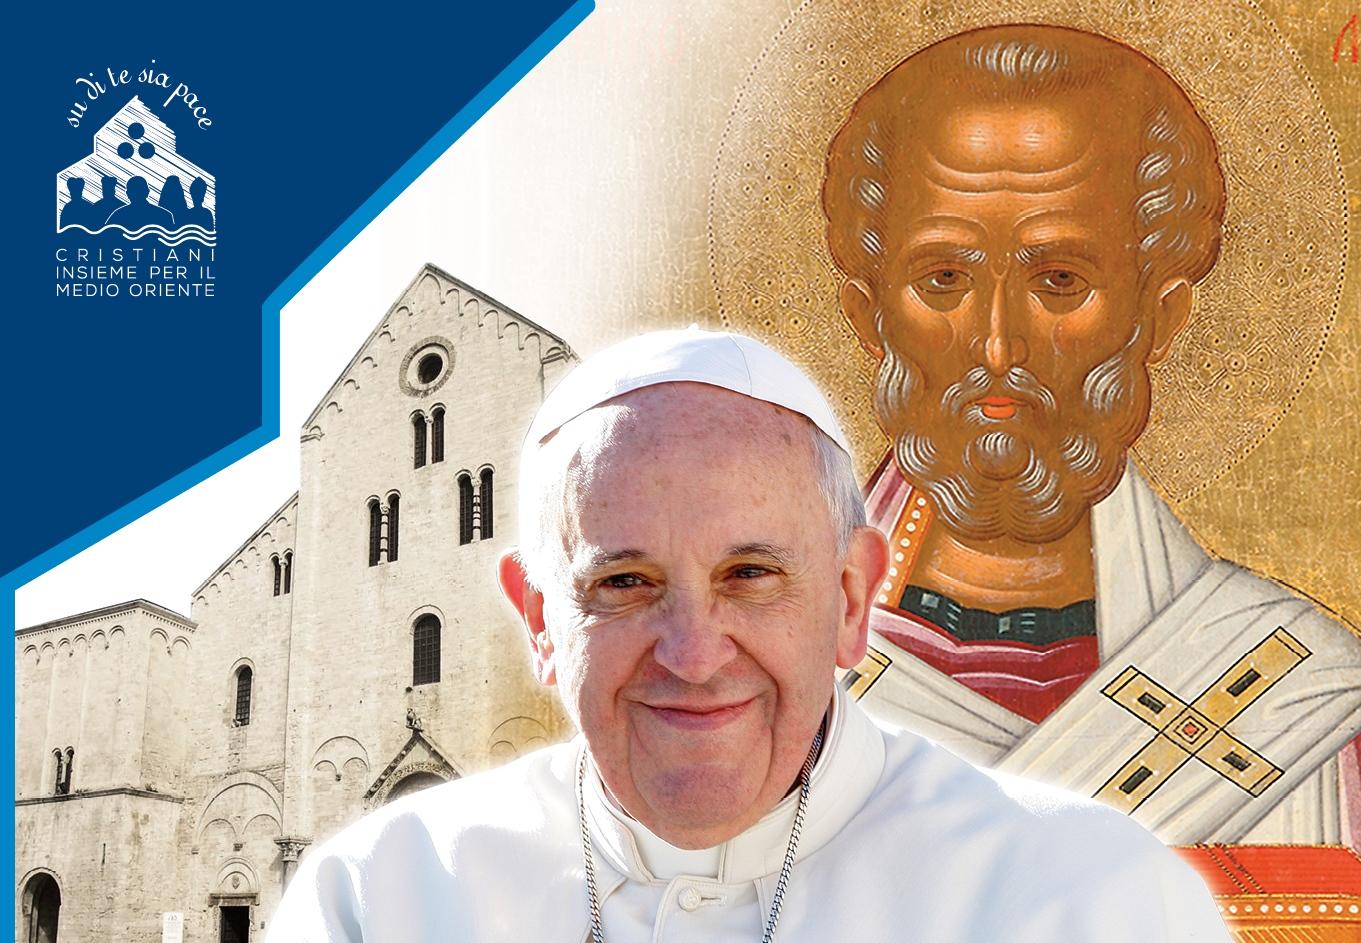 Папа Франциск и главы Церквей Ближнего Востока обсудят восстановление Сирии